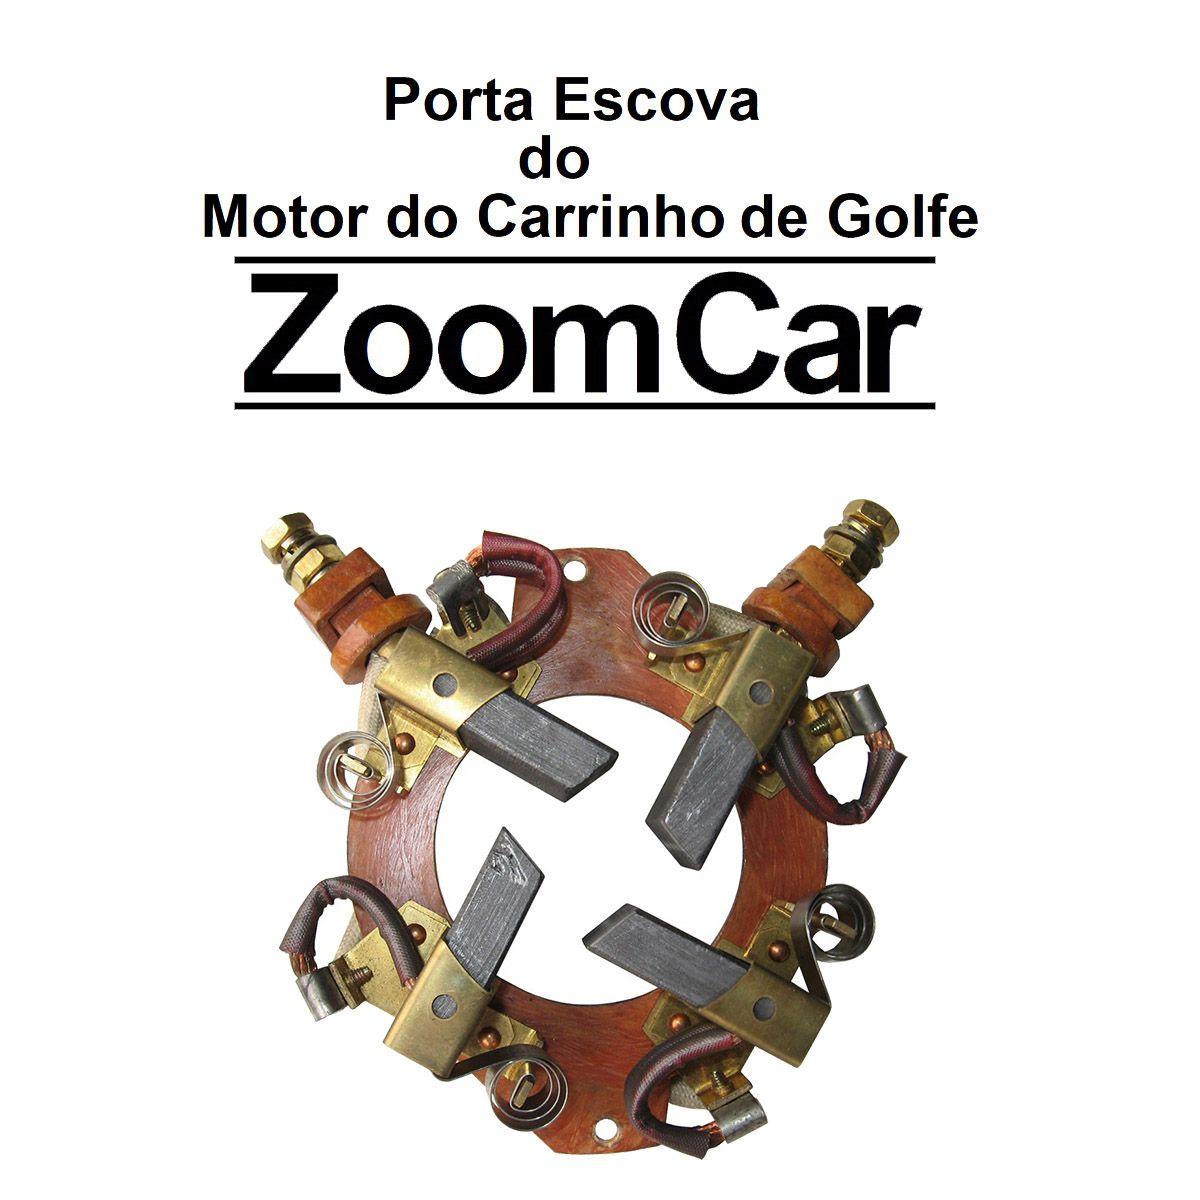 Porta Escovas do Motor do Carrinho de Golfe Zoom Car